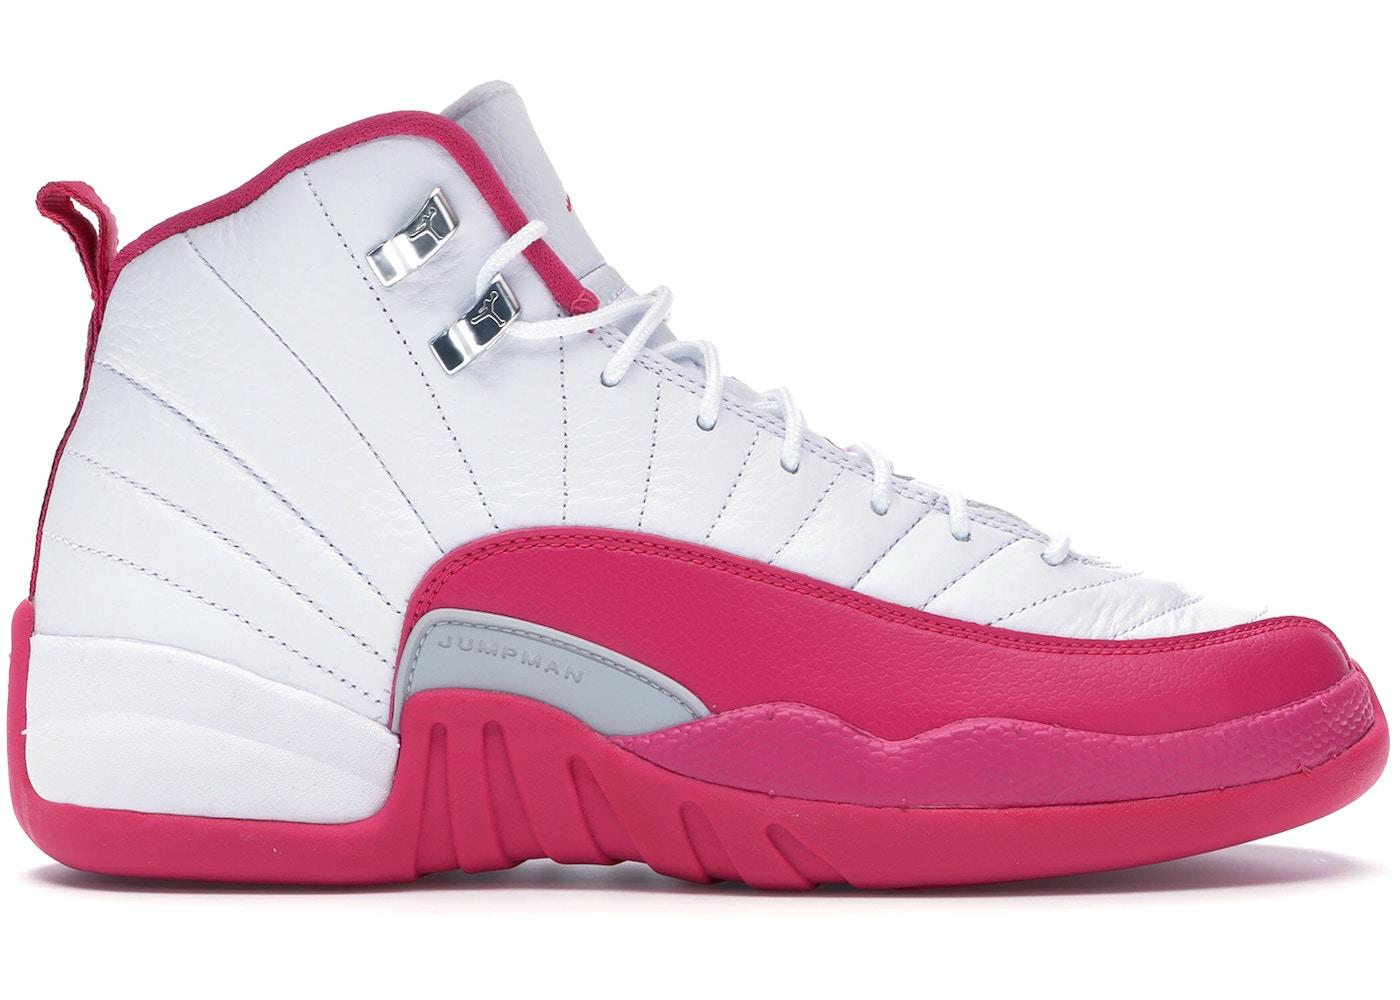 buy popular 189c3 8b1b2 Jordan 12 Retro Dynamic Pink (GS)